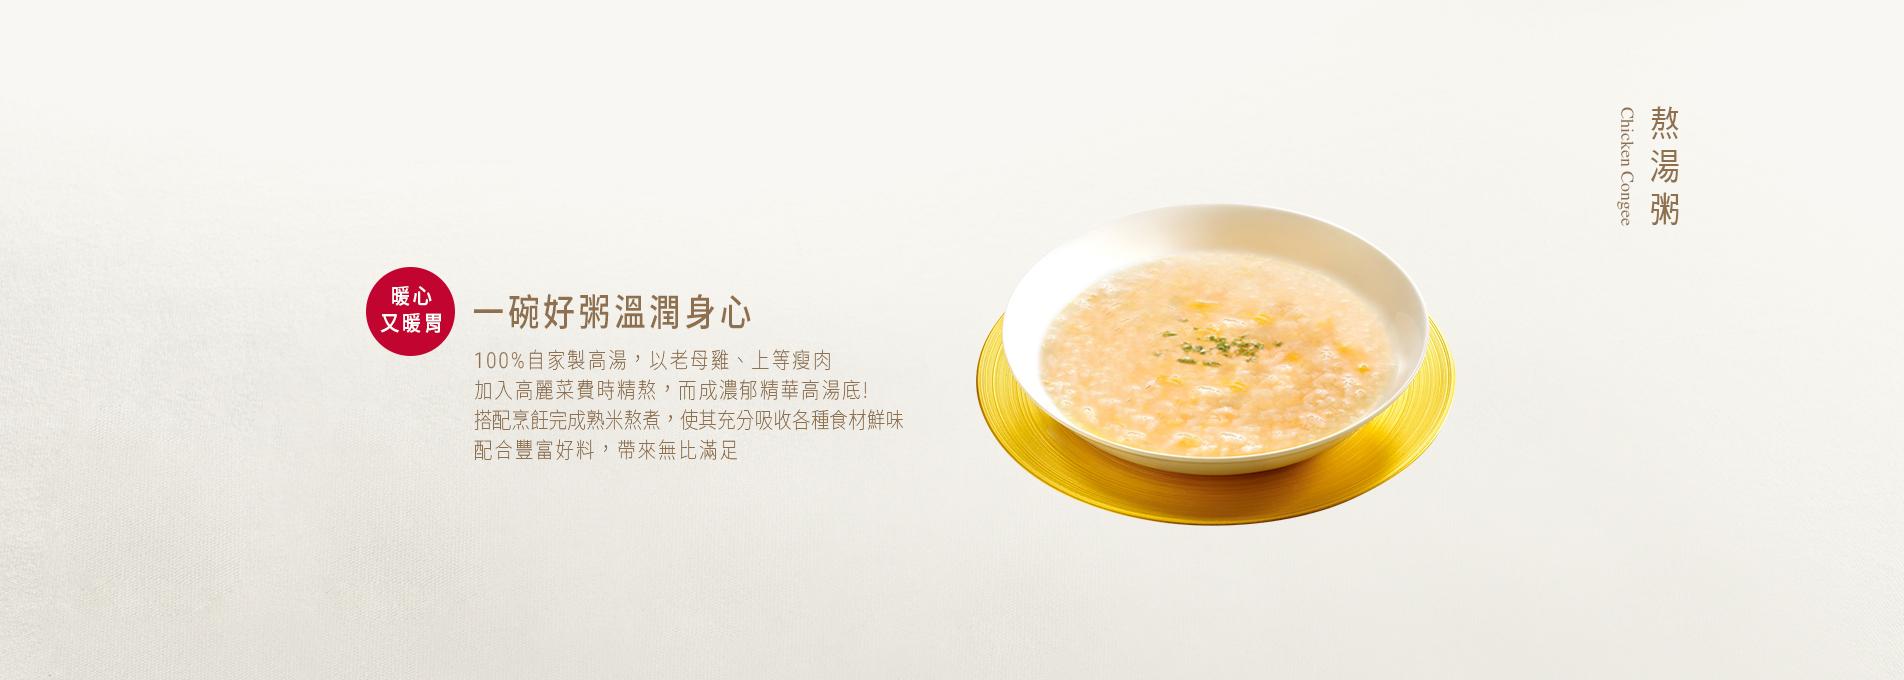 熬湯粥(6人份)3組_箱裝